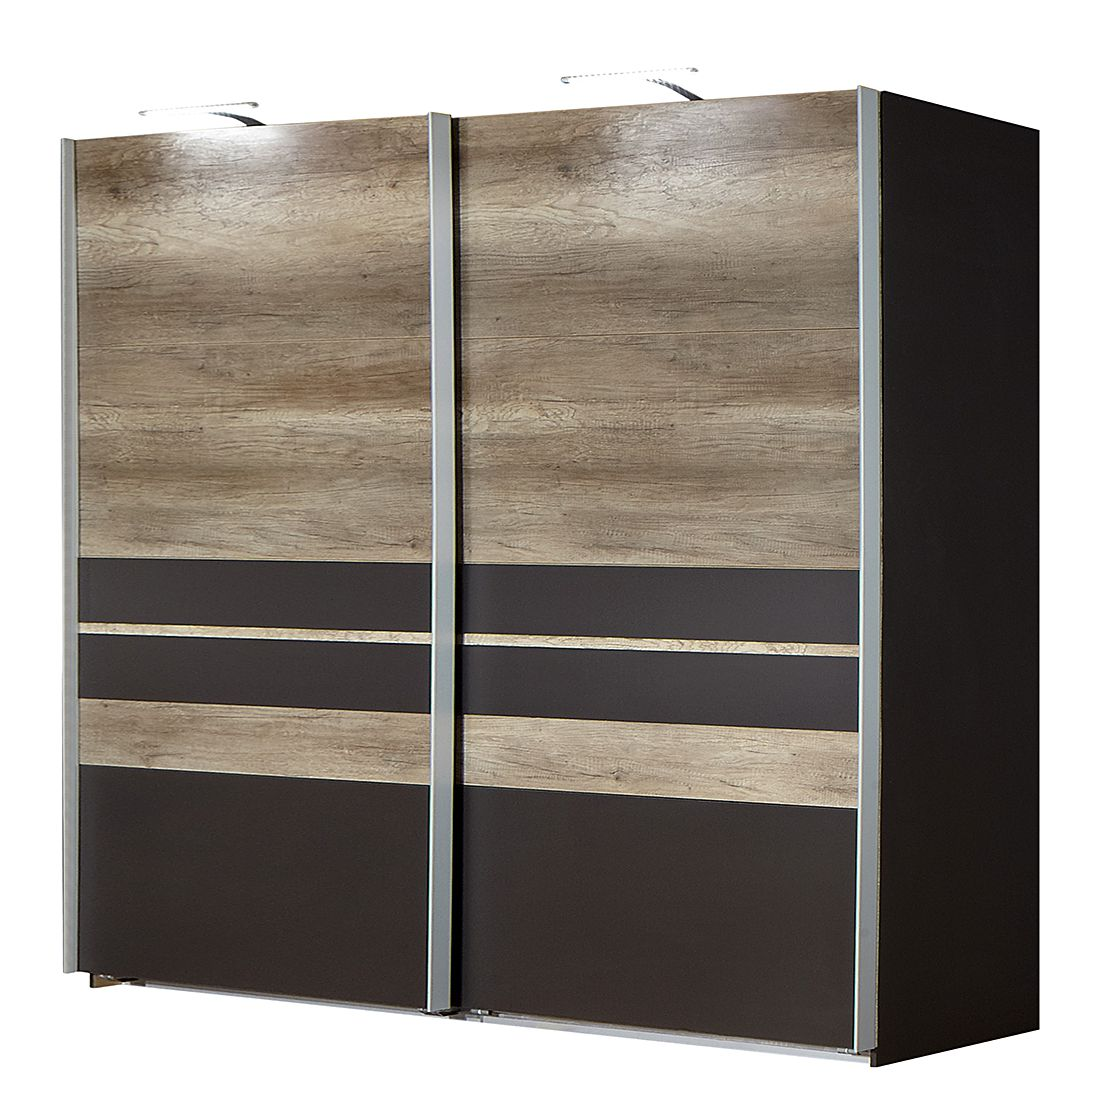 schwebet renschrank manula lava wildeiche dekor. Black Bedroom Furniture Sets. Home Design Ideas